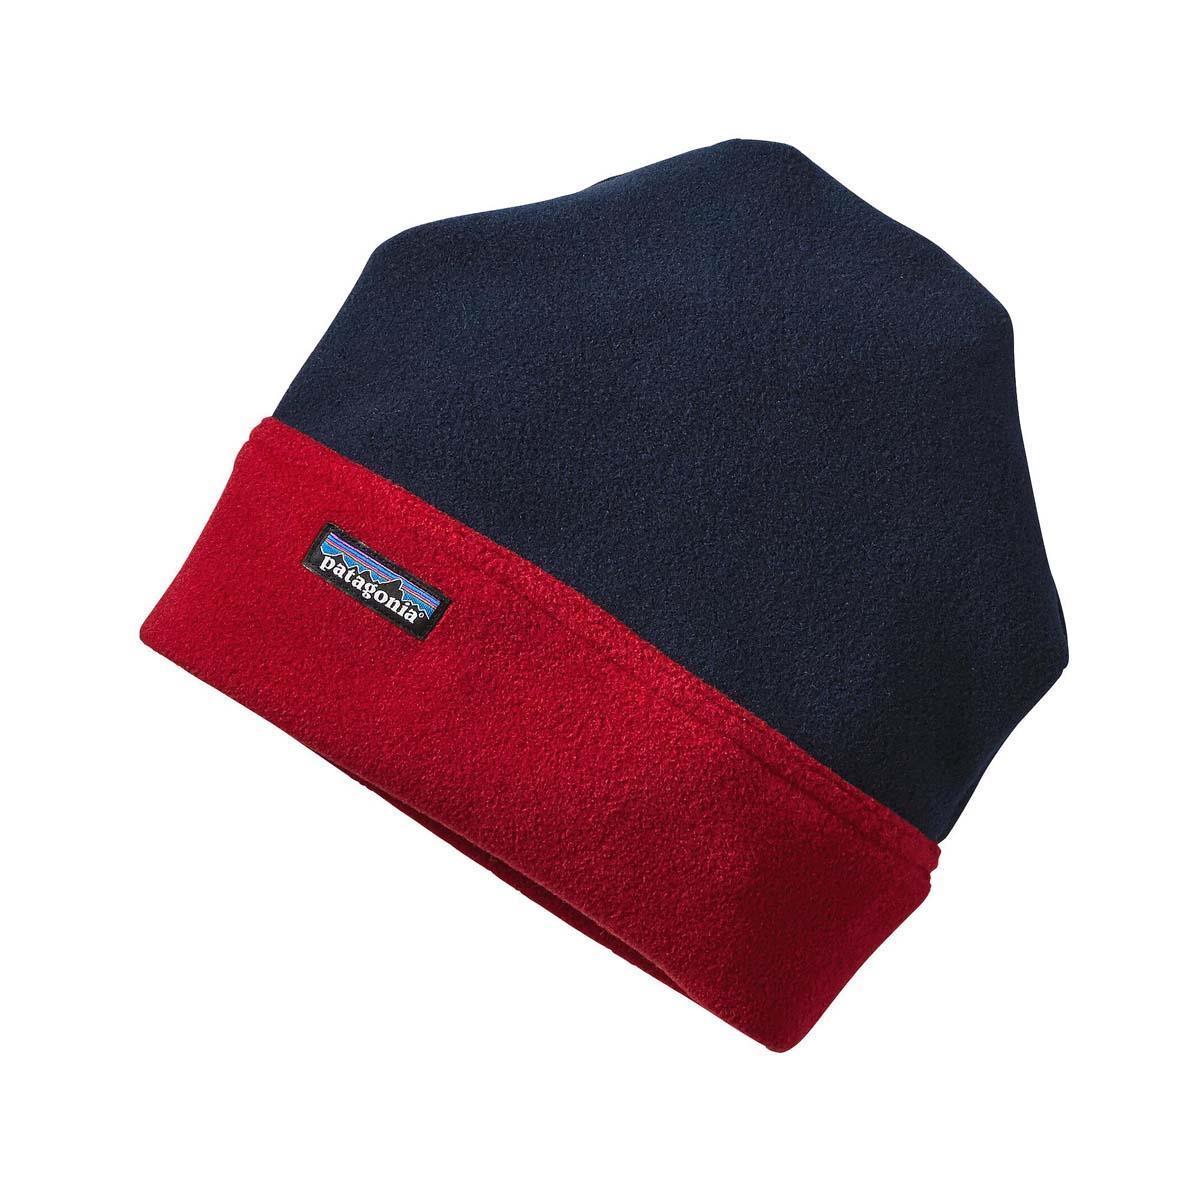 Patagonia Synchilla Alpine Hat. Loading zoom e50c92e146b